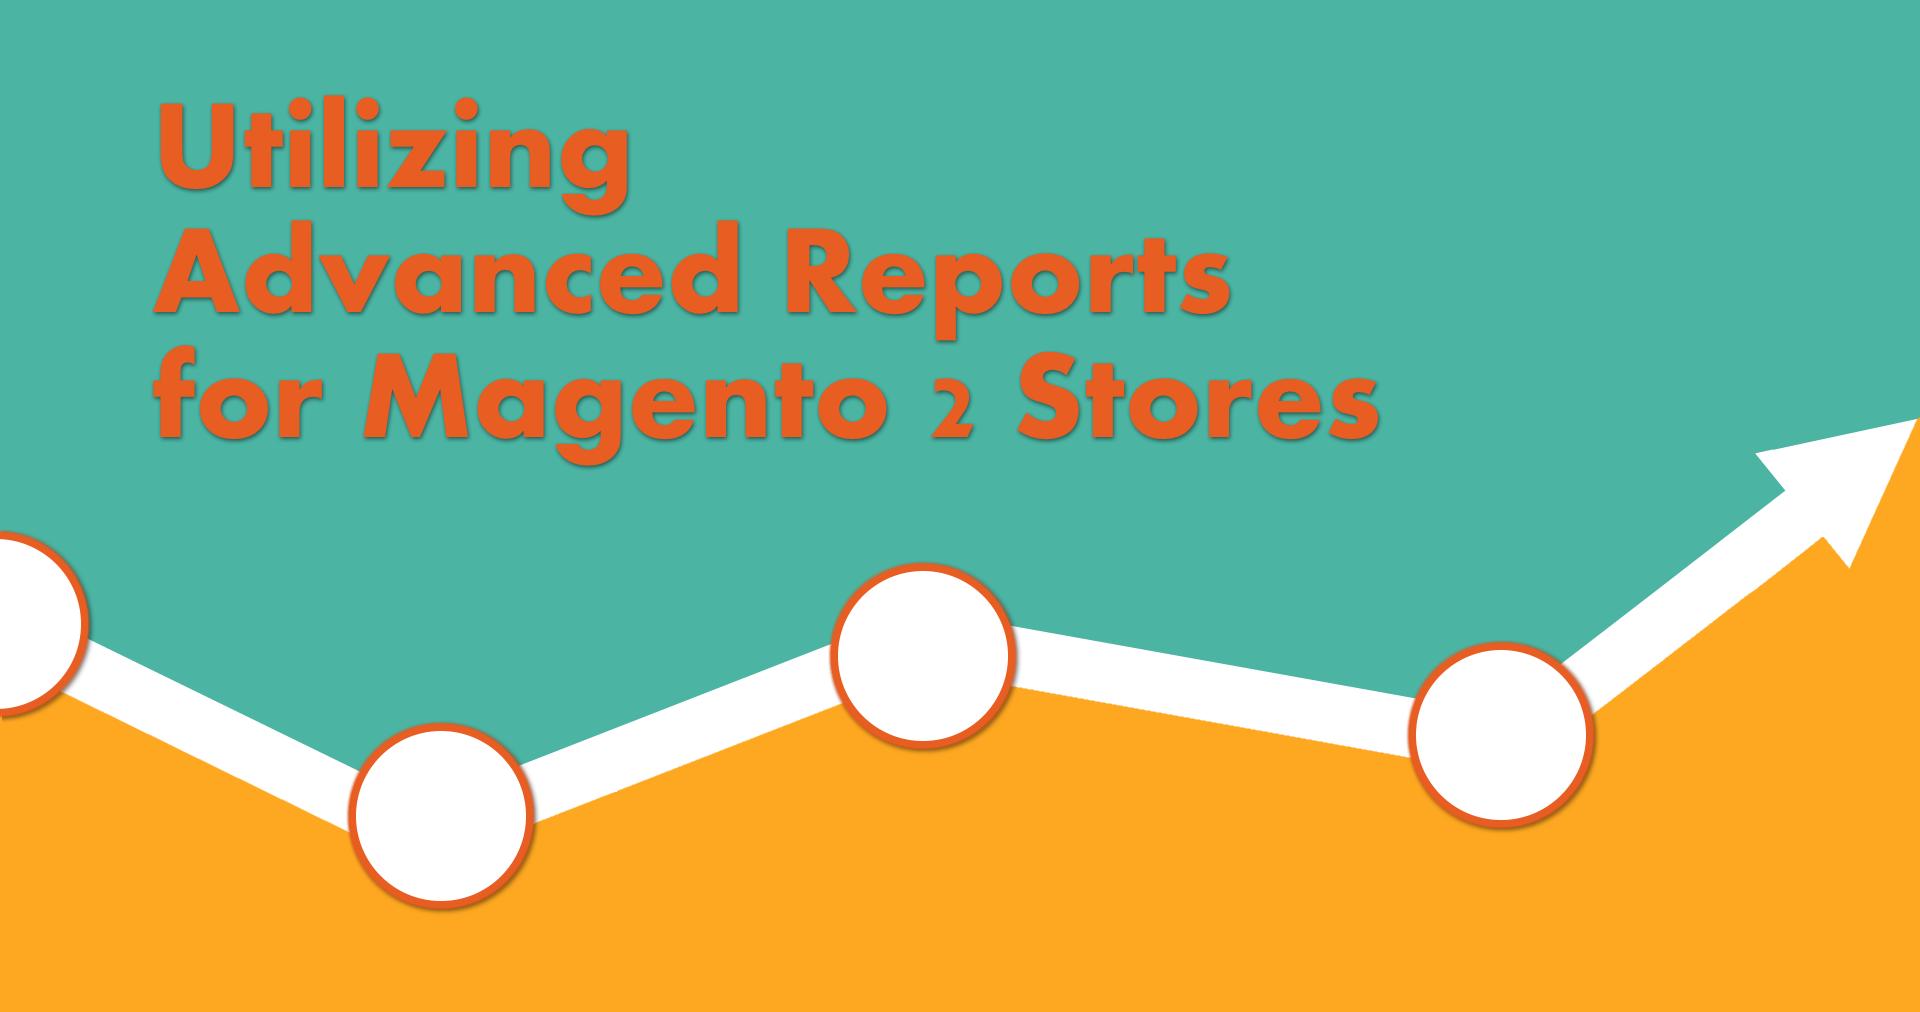 AR for Magento 2 stores